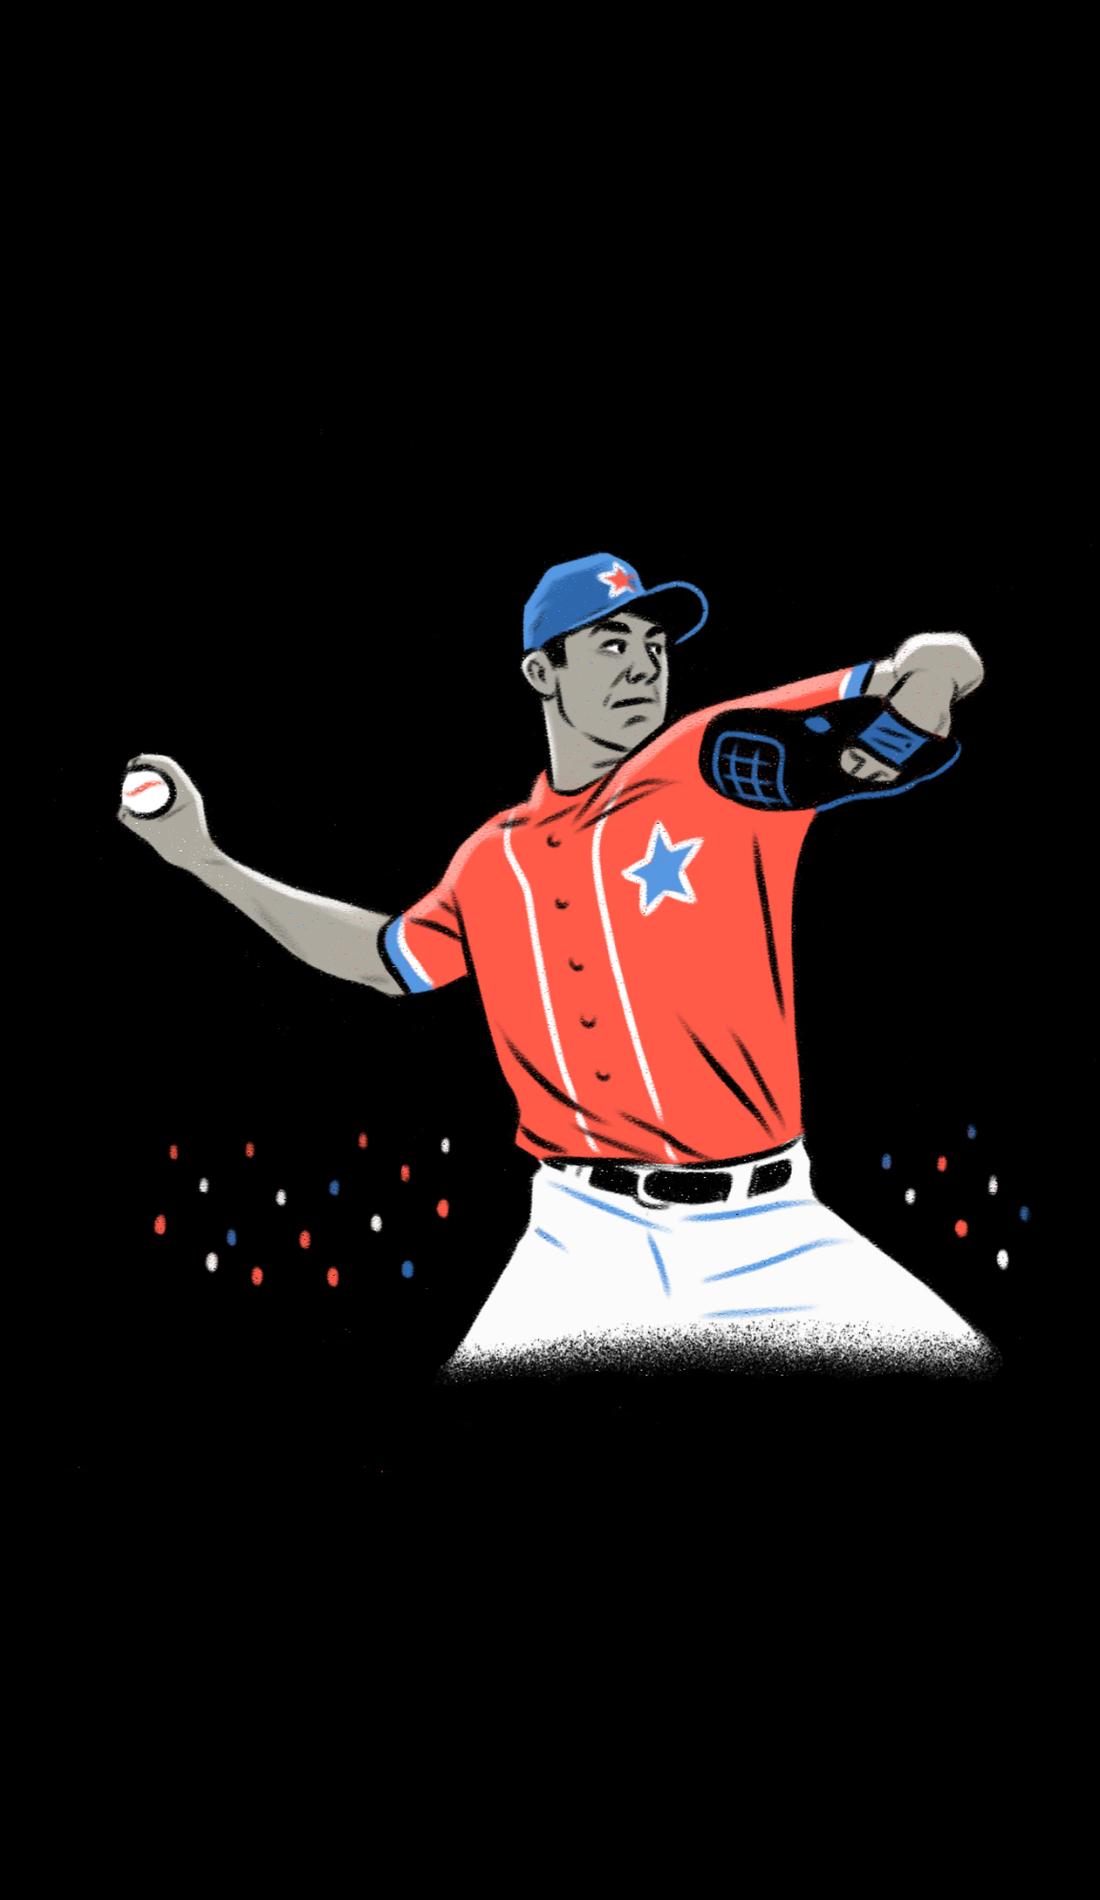 A Texas A&M Aggies Baseball live event